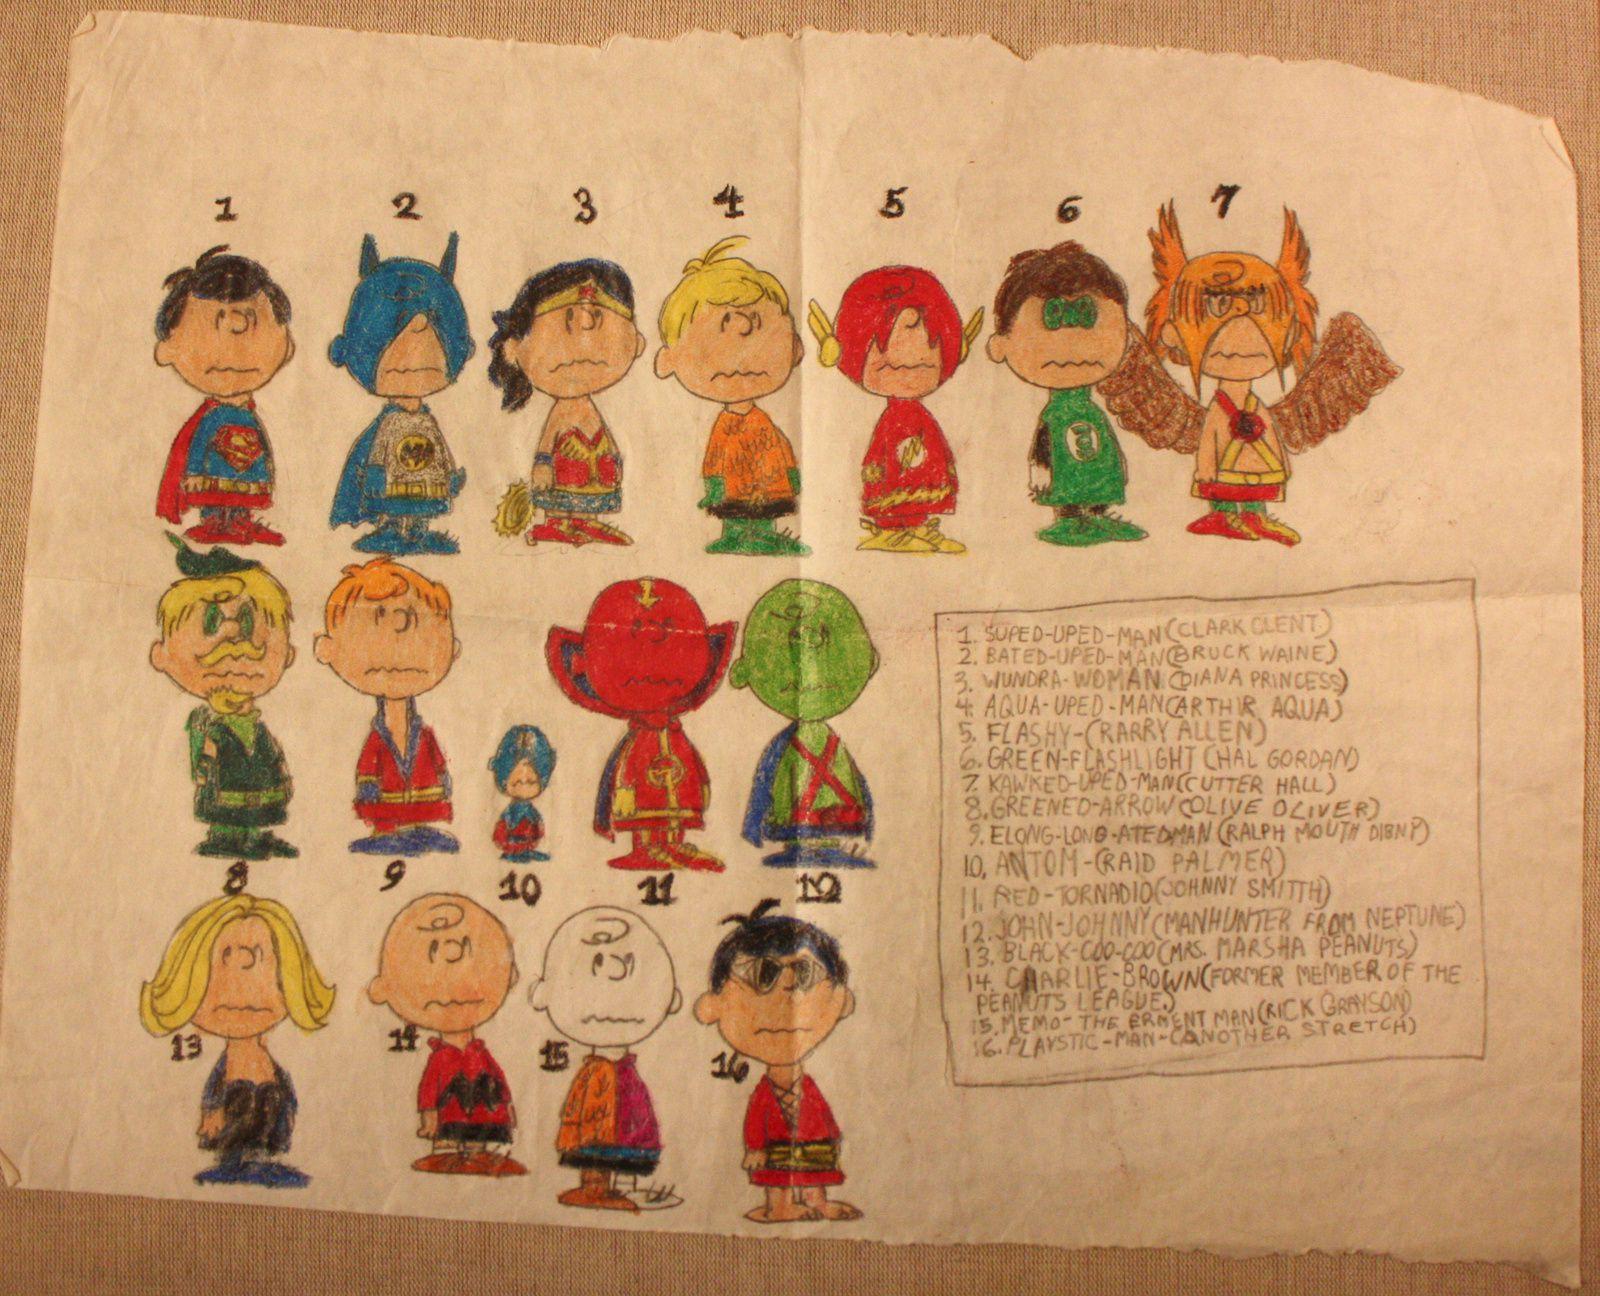 Versions de Charlie Brown a la ligue de justice, 1980 (10 ans)